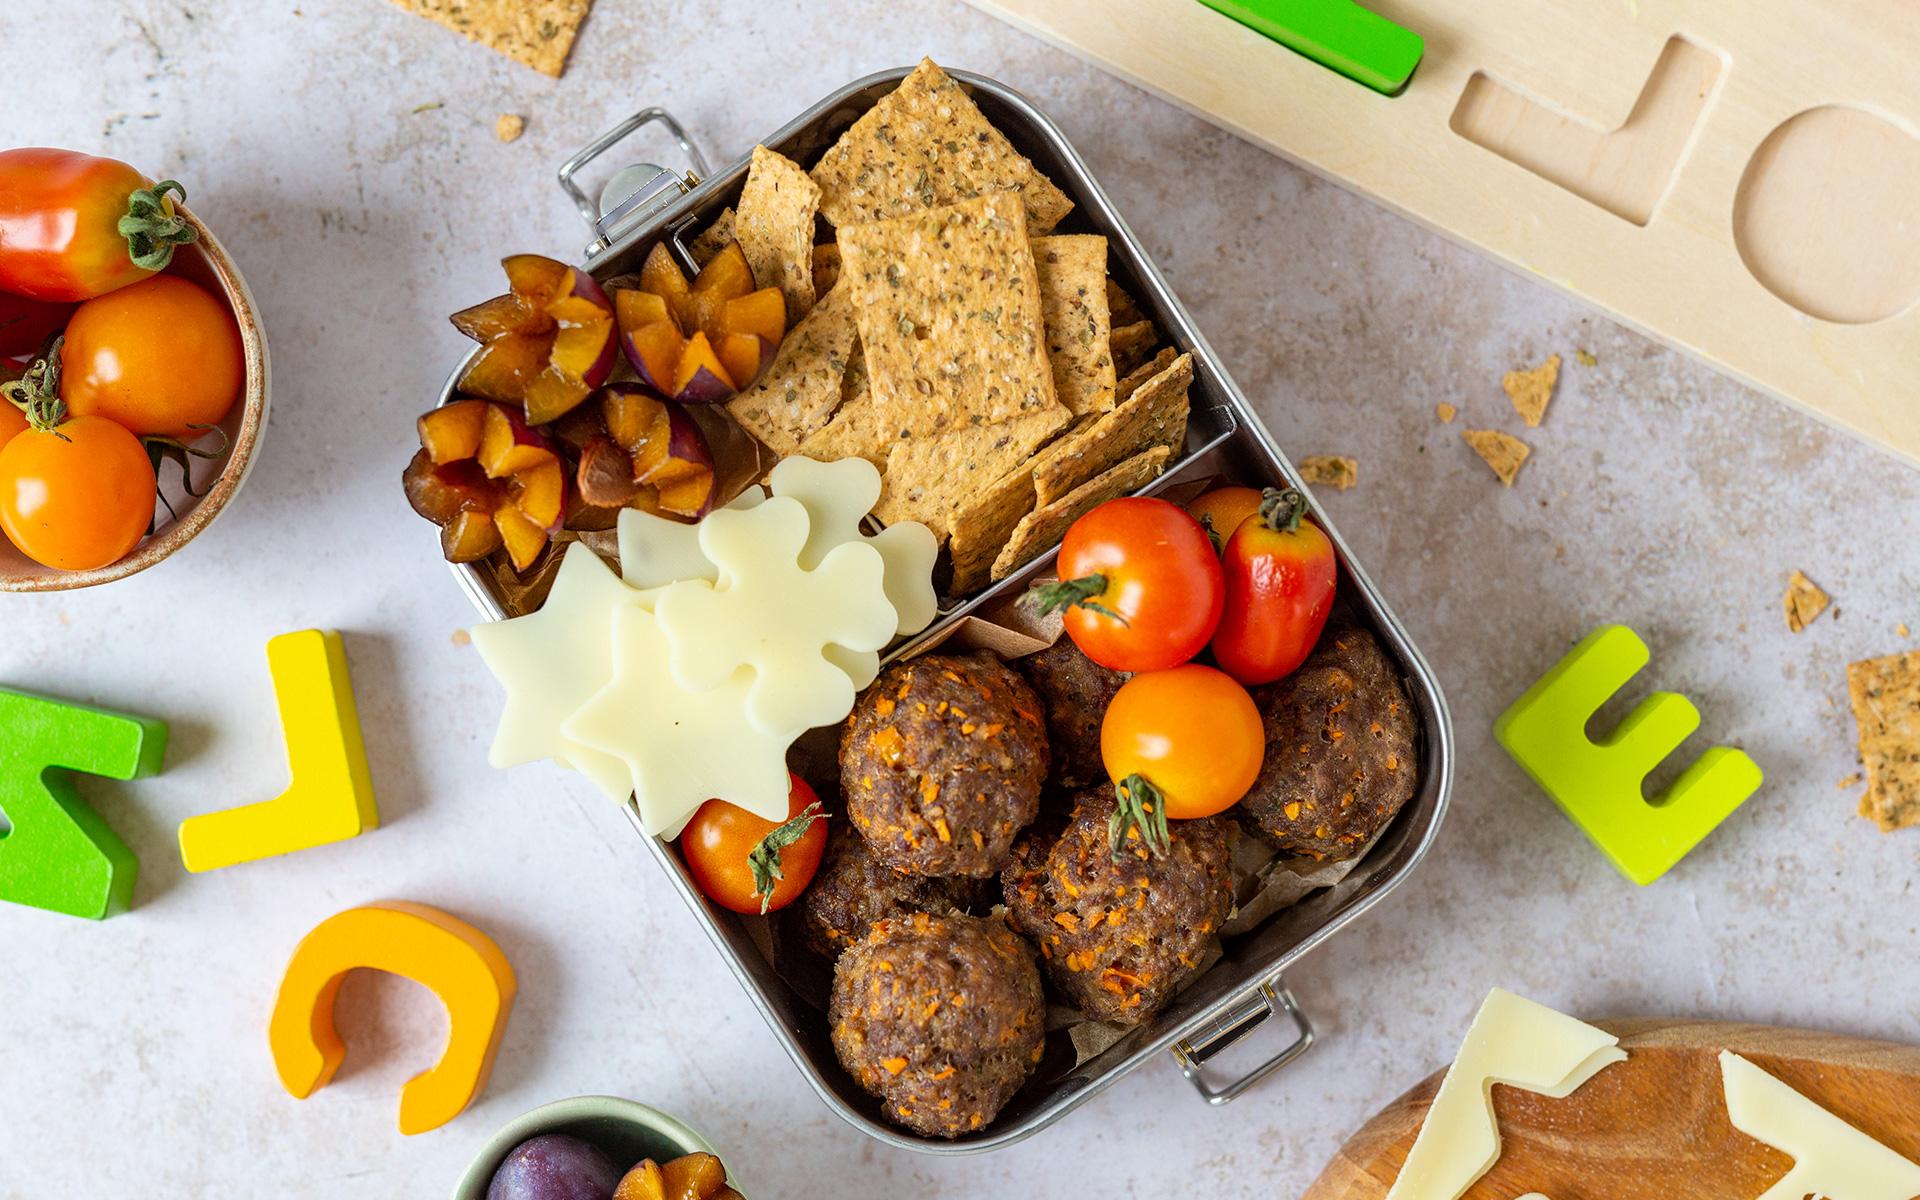 Jausenbox mit Kürbis-Hackfleisch-Bällchen